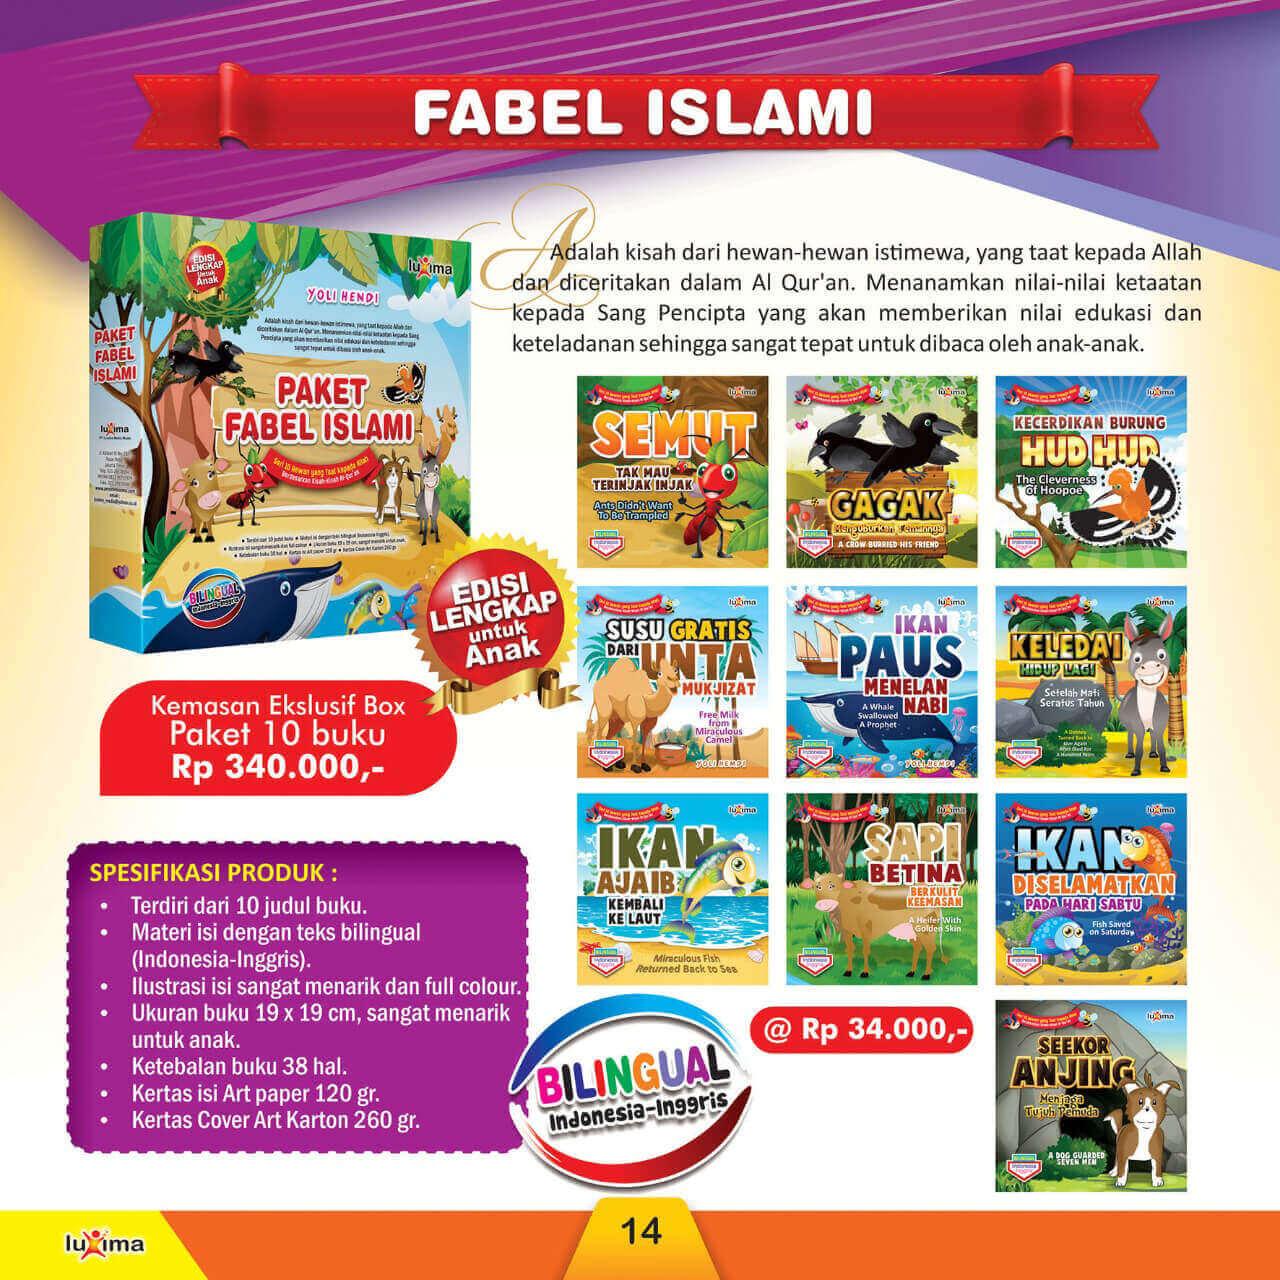 Jual 10 Buku Paket Fabel Islami